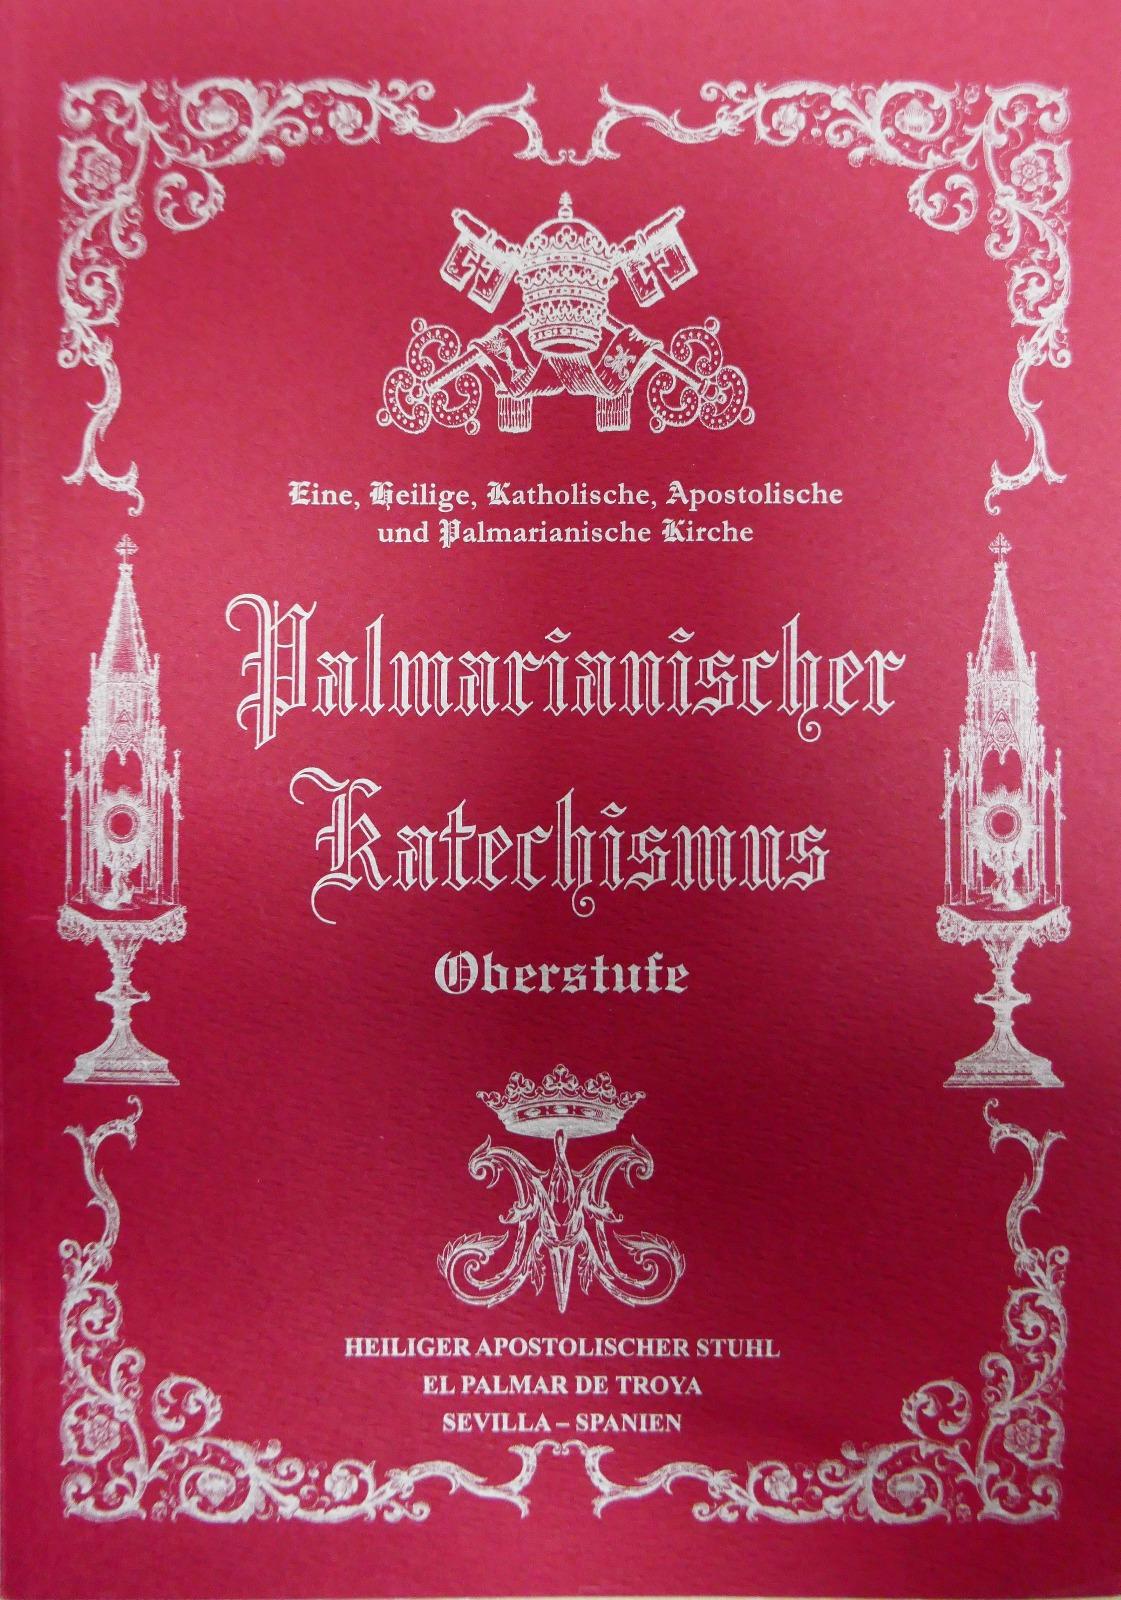 """<a href=""""https://www.palmarianischekirche.org/wp-content/uploads/2019/04/Catecismo-Superior-alemán-extractos-2016.pdf"""" title=""""Auszüge aus dem Palmarianischen Katechismus"""">Auszüge aus dem Palmarianischen Katechismus <br> Mehr"""